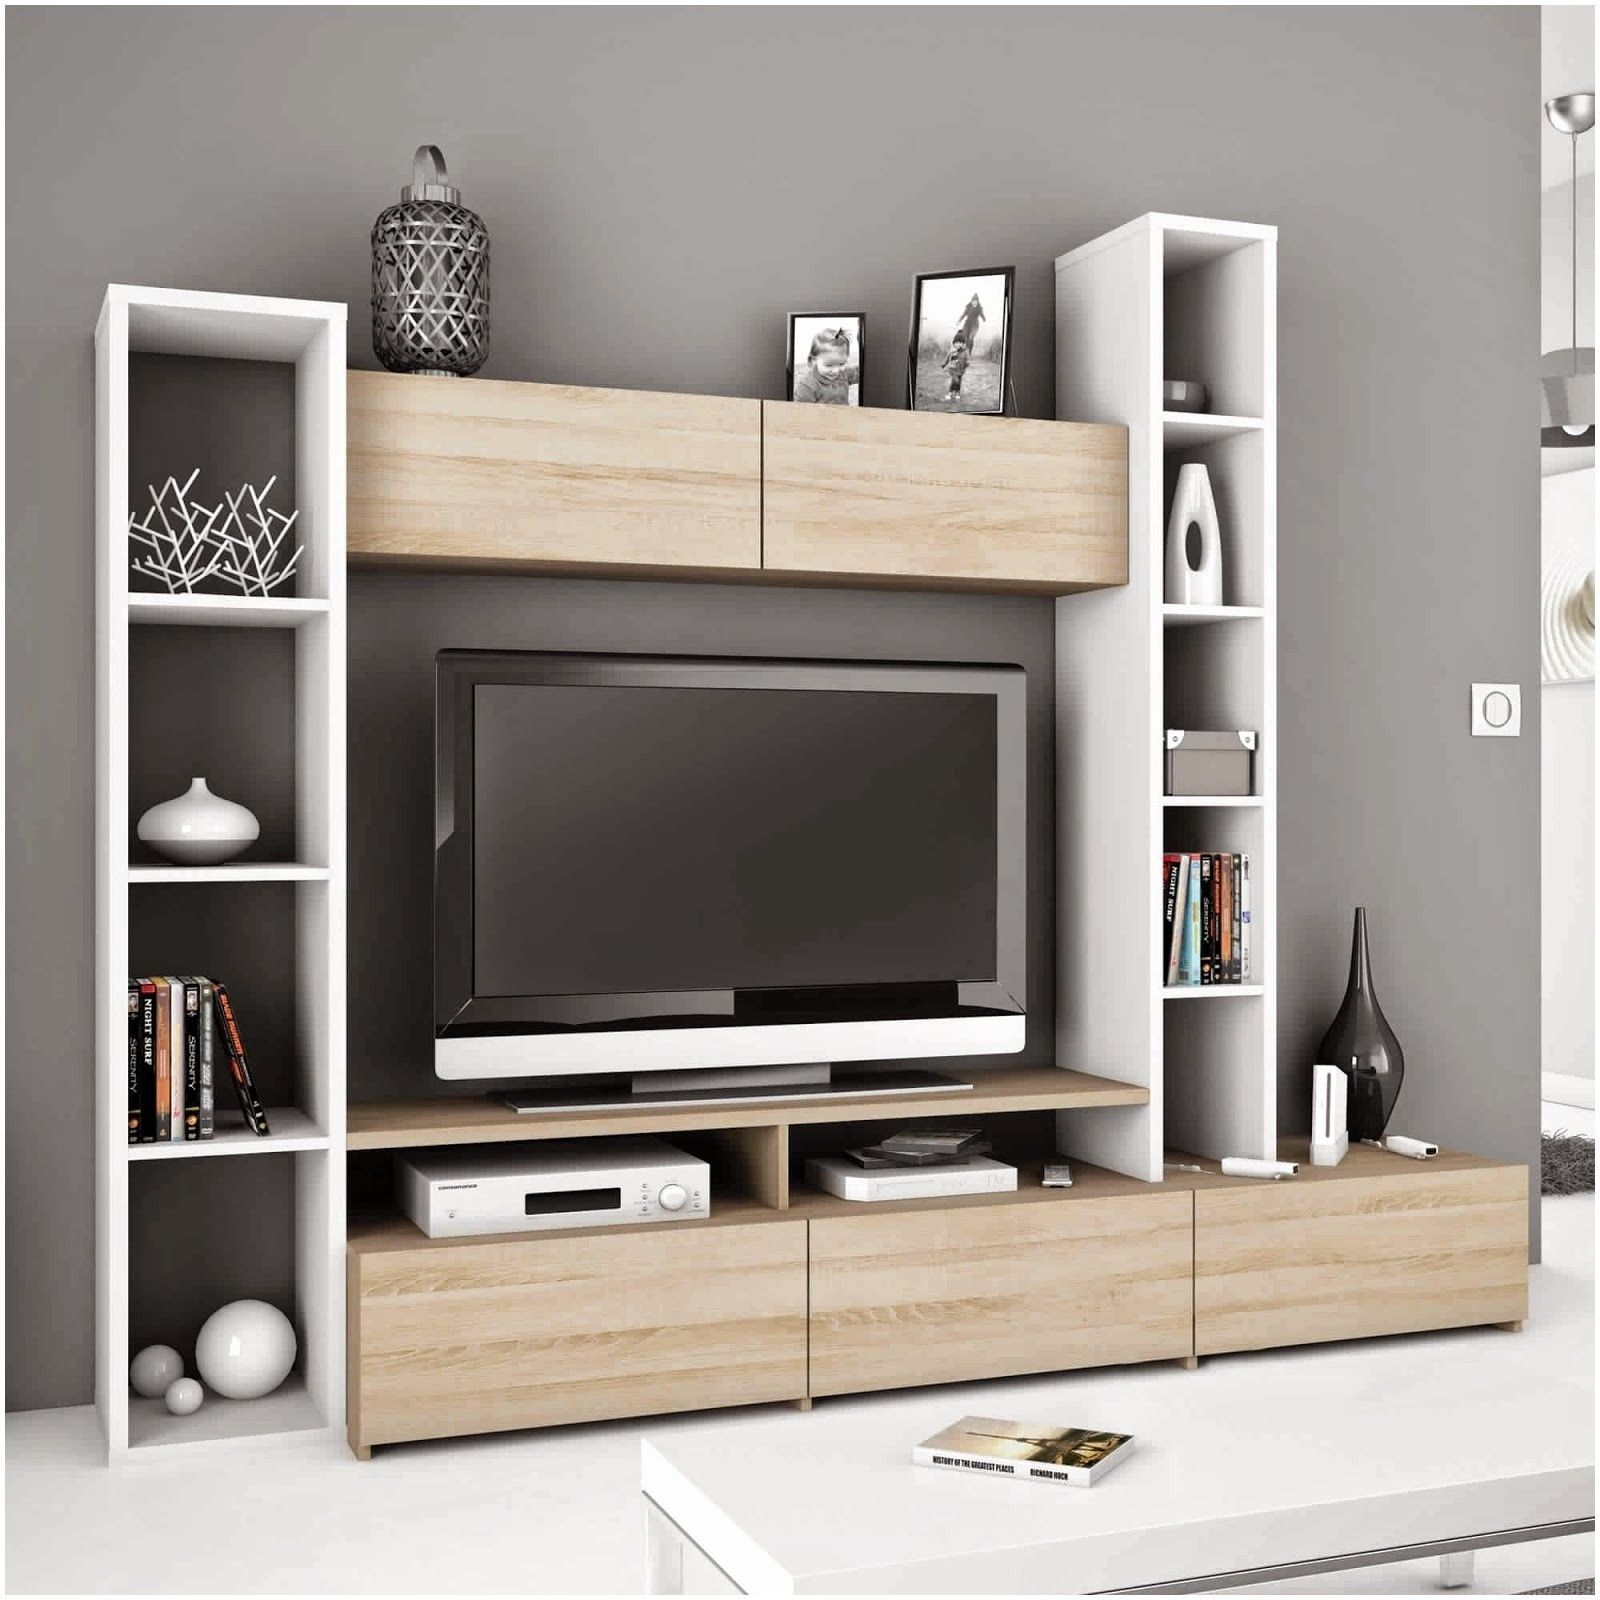 28 Luxe Meuble Tv Roulettes Plateau Tournant Suggestions Meuble Tv Baroque Brun Meuble Tv Baroque Italien M Meuble Tv Rangement Meuble Tv Design Meuble Tv